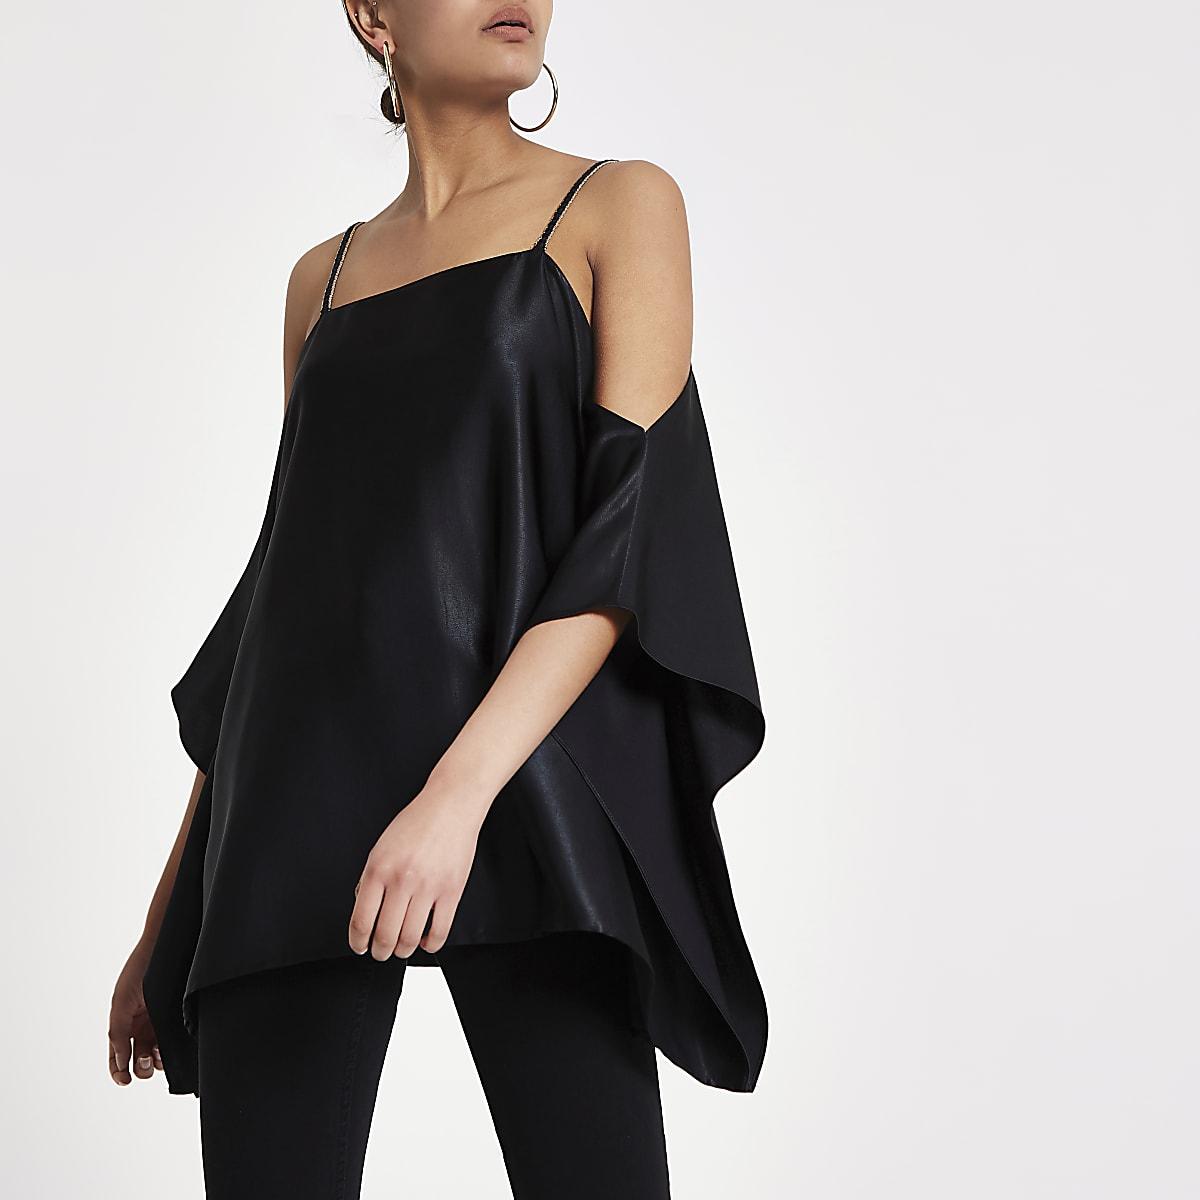 e82082ad973cb Black satin cold shoulder cami top - Bardot   Cold Shoulder Tops - Tops -  women